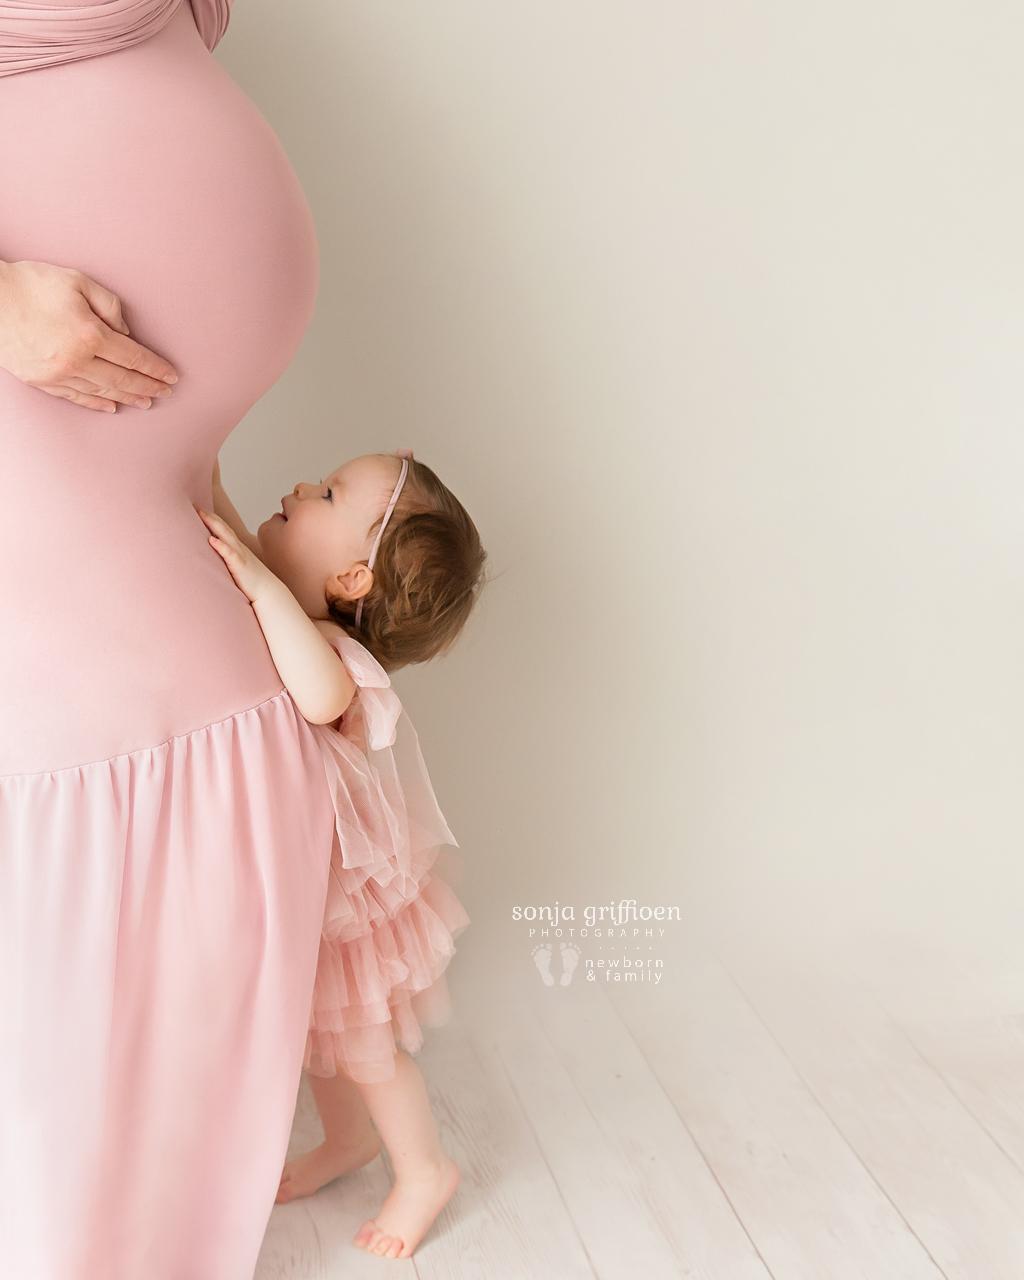 Sarah-Maternity-2-Brisbane-Newborn-Photographer-Sonja-Griffioen-05.jpg